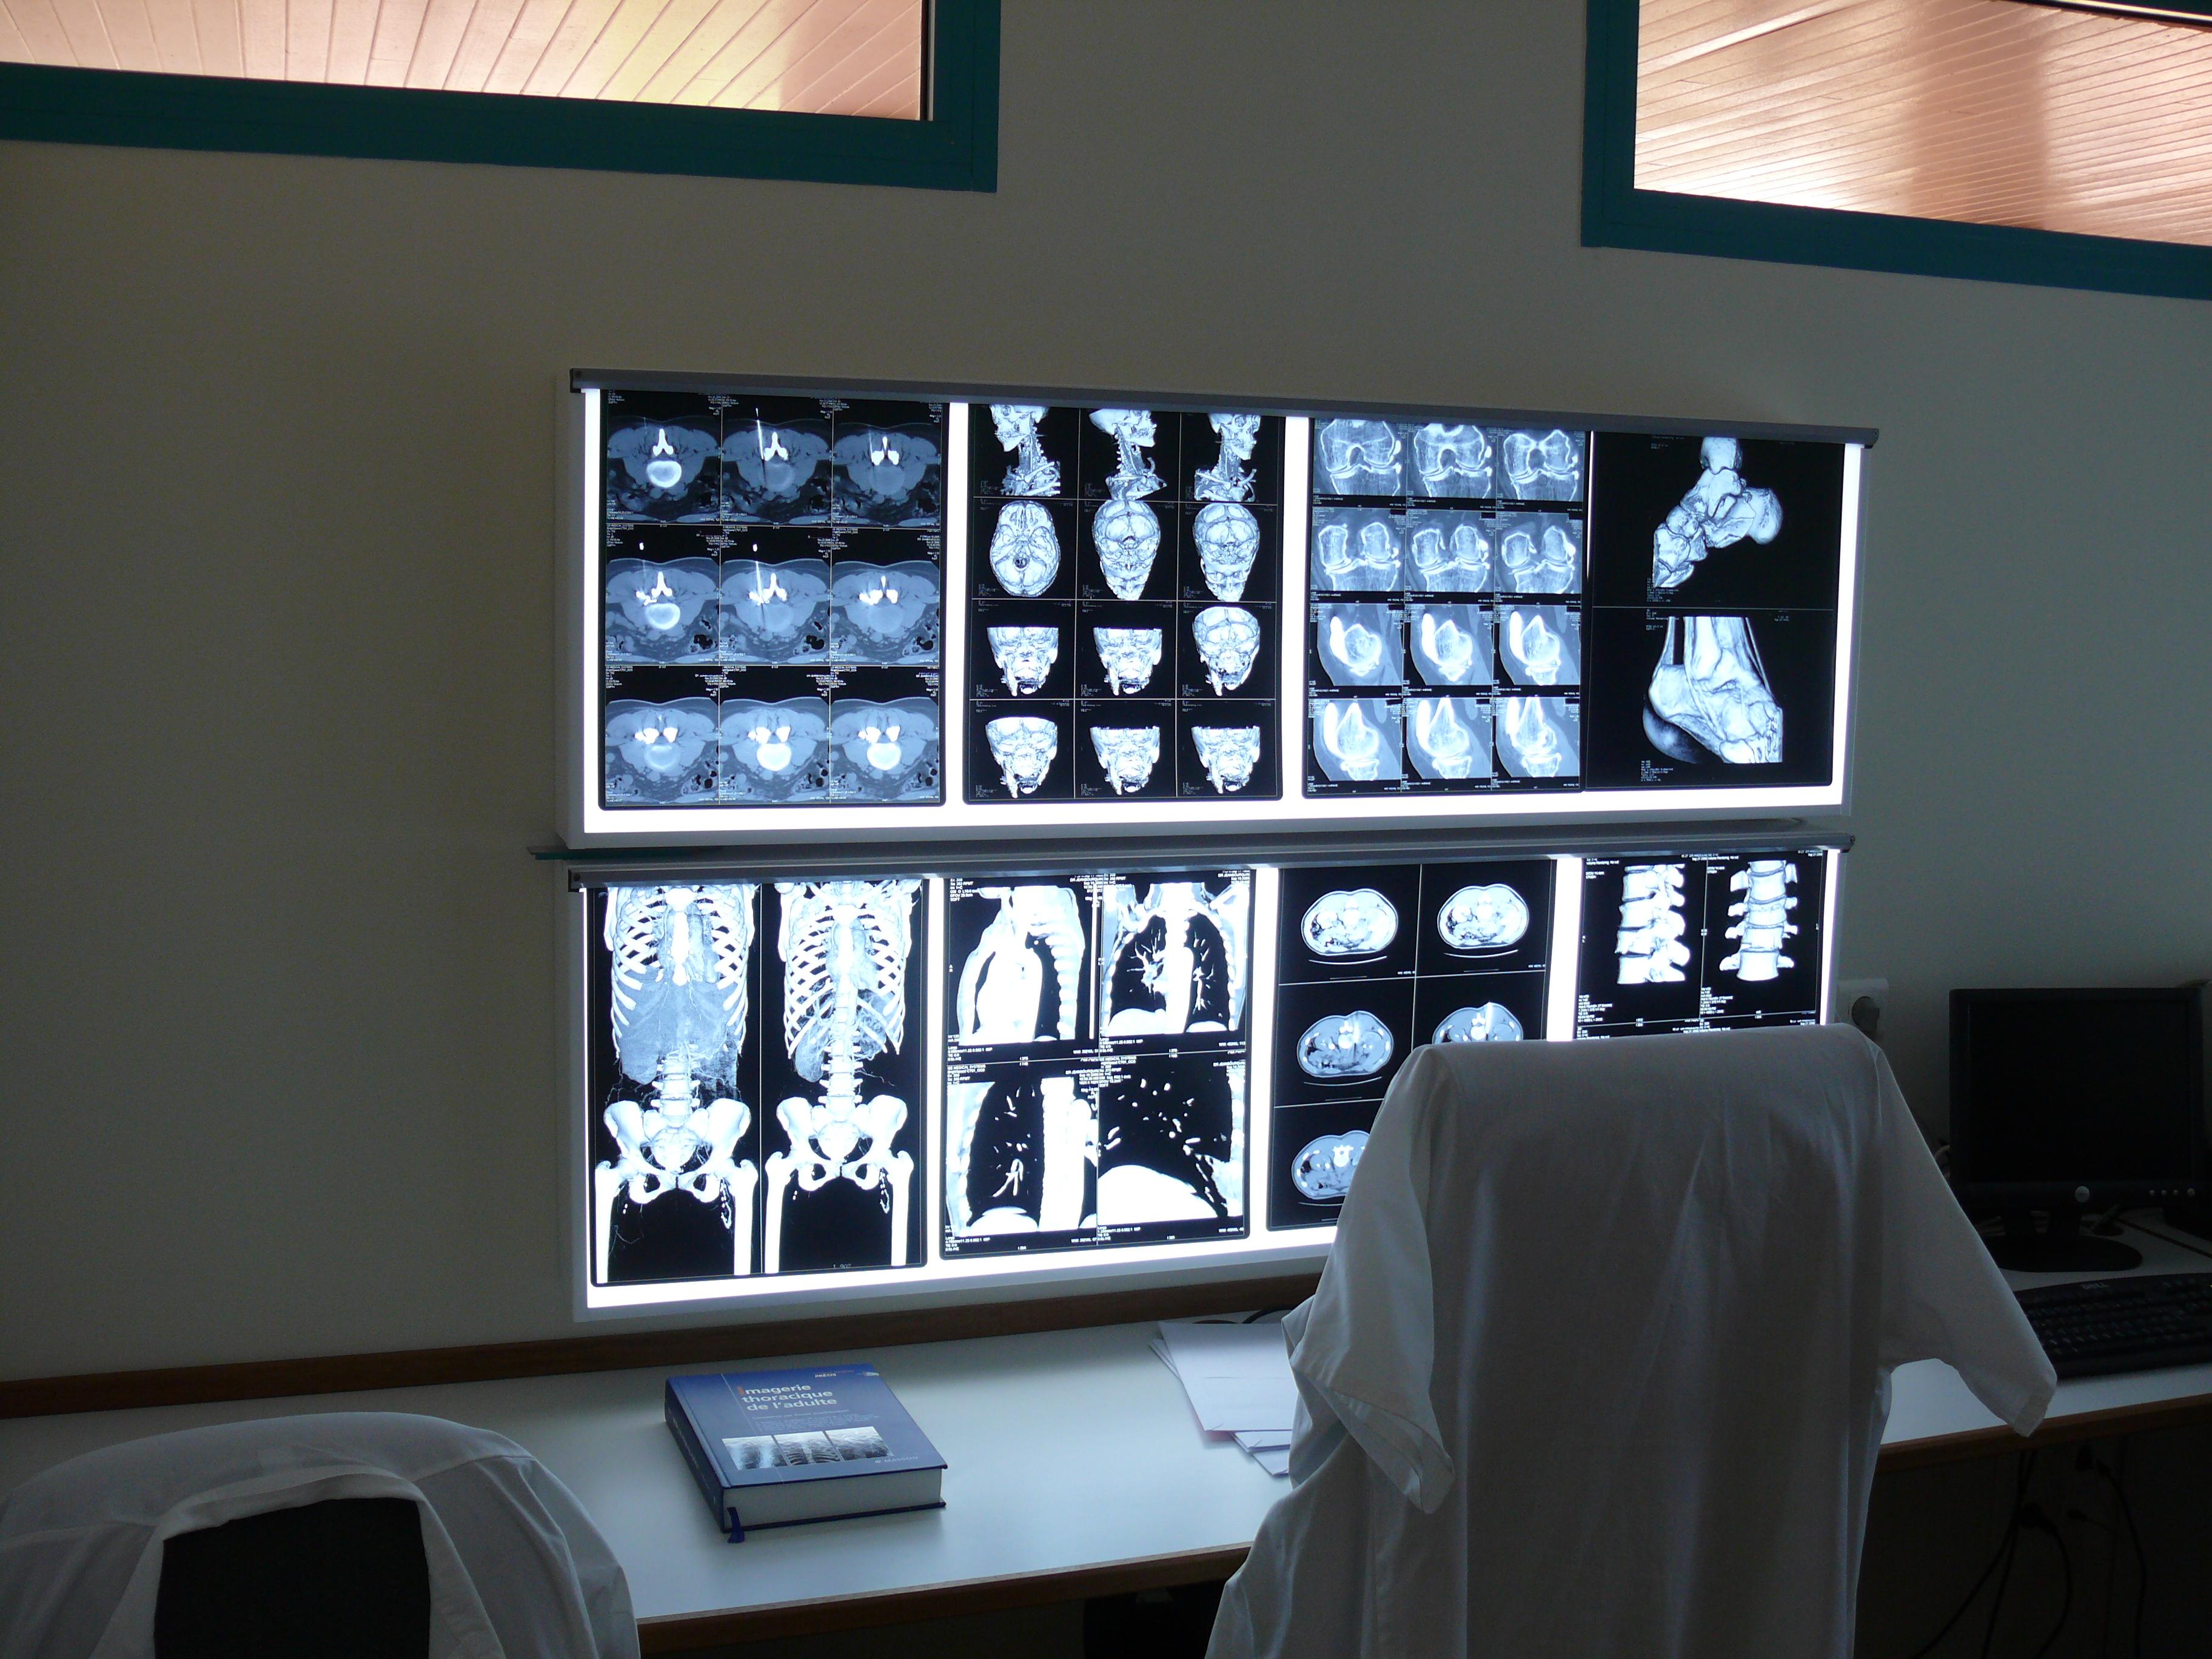 Cabinet de radiologie du dr vankan - Cabinet radiologie belleville sur saone ...